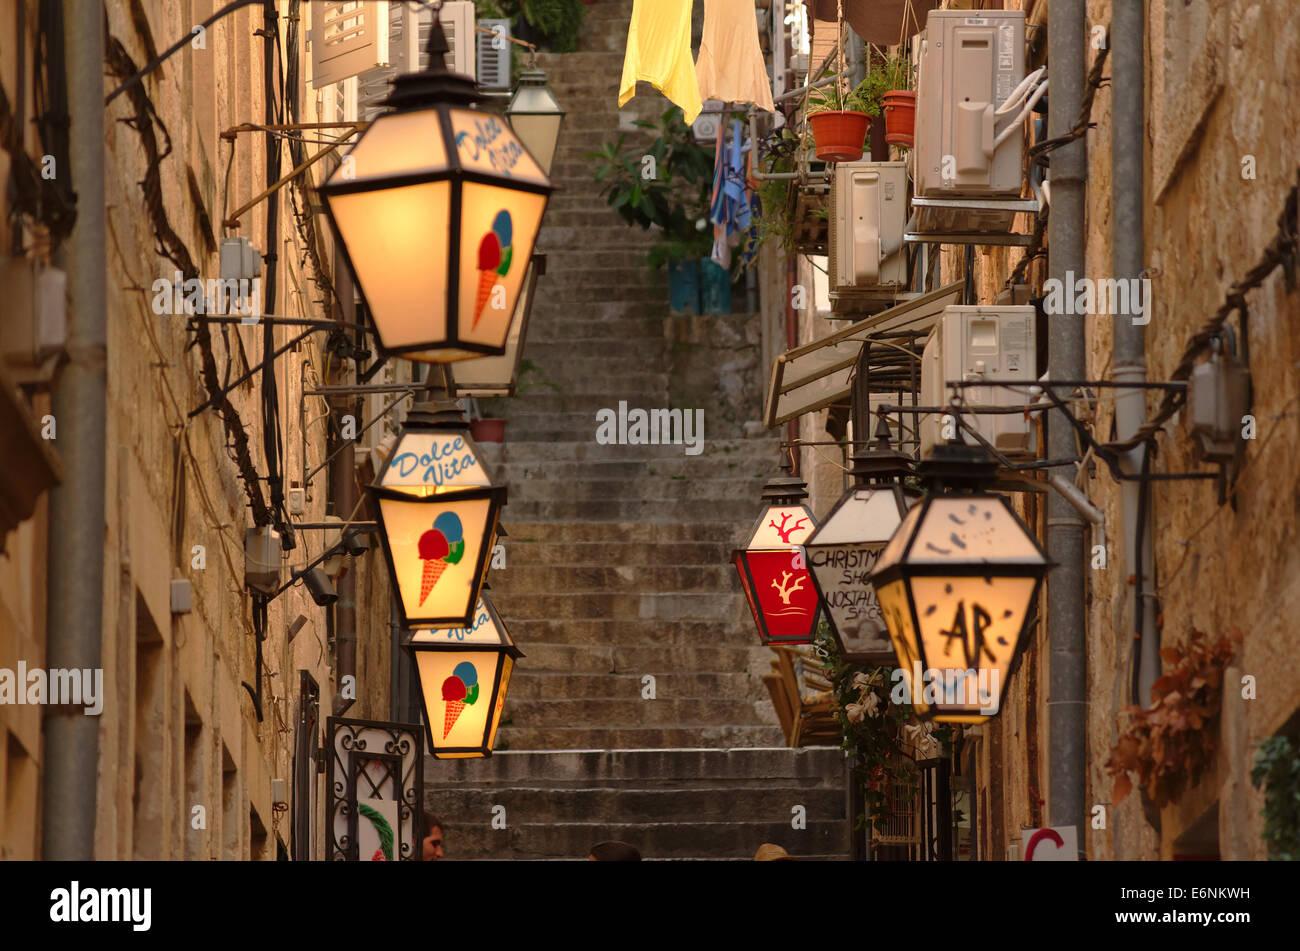 Lampes de style vénitien, dans la vieille ville de Dubrovnik, Croatie. Photo Stock